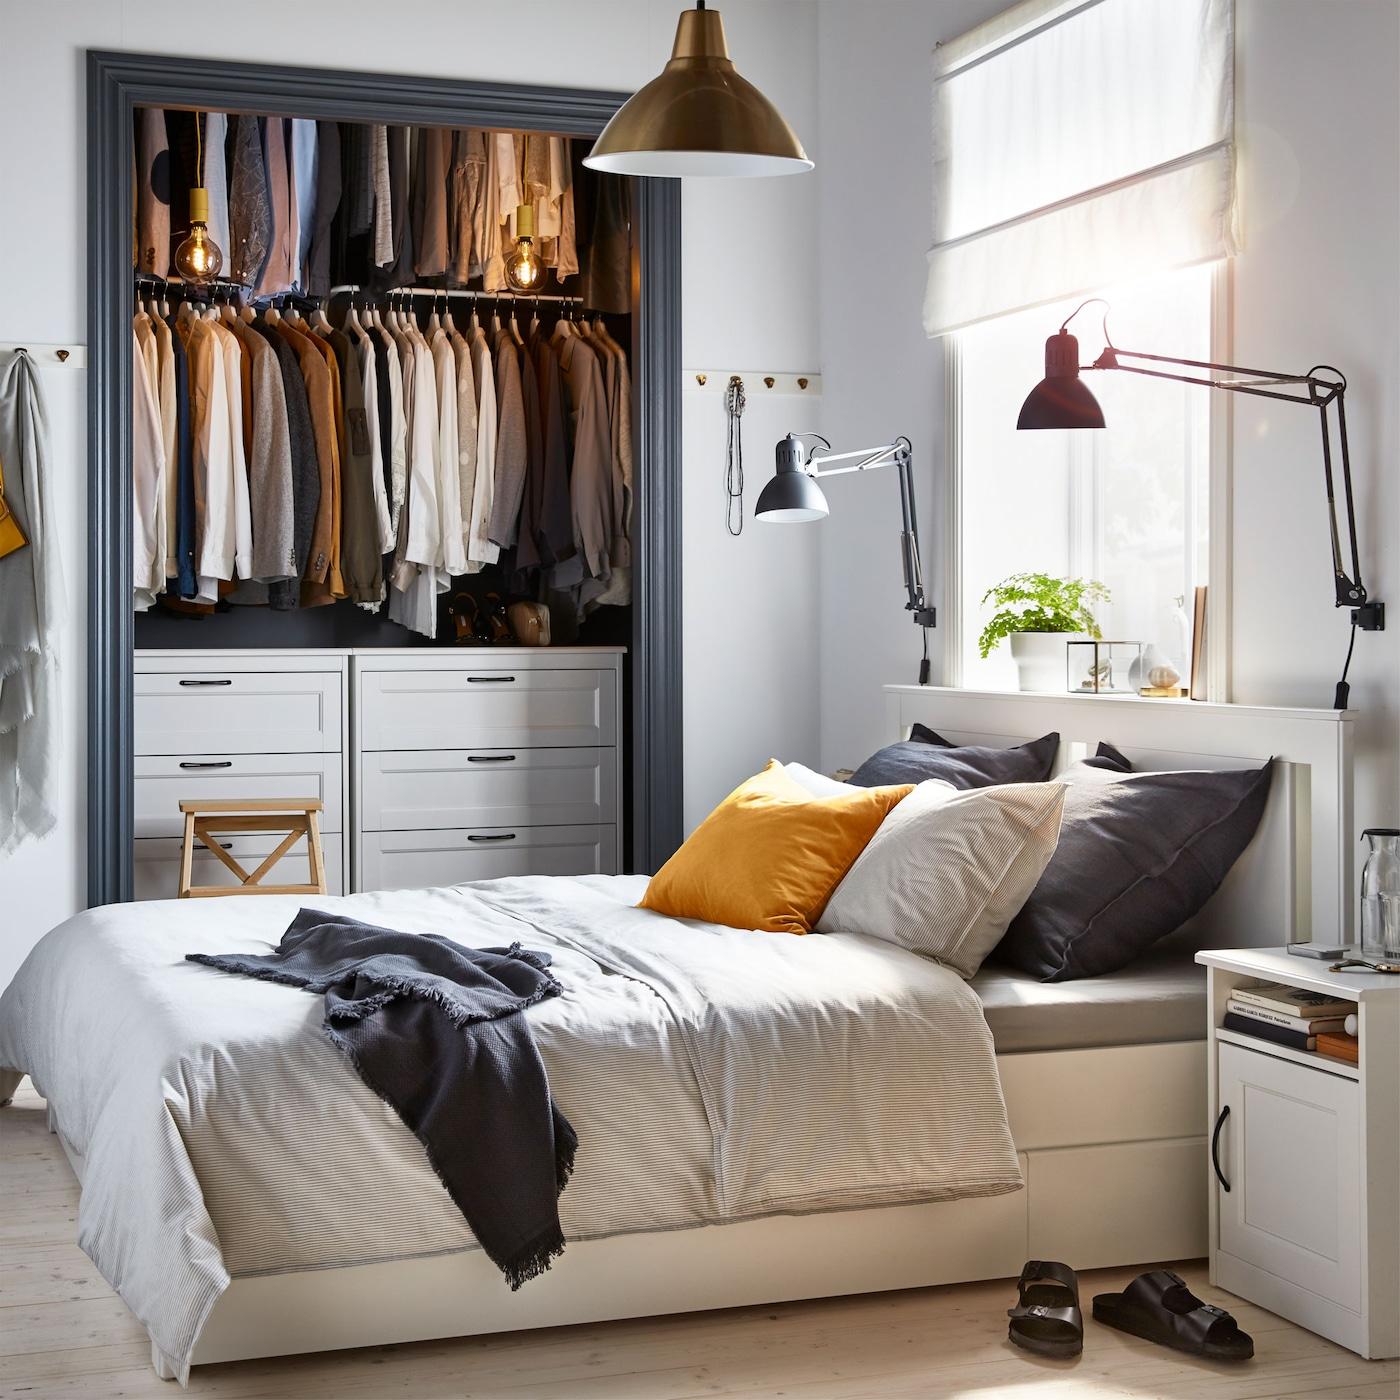 Un Tiene Dormitorio Lo Que Moderno Ikea Todo trQCshd